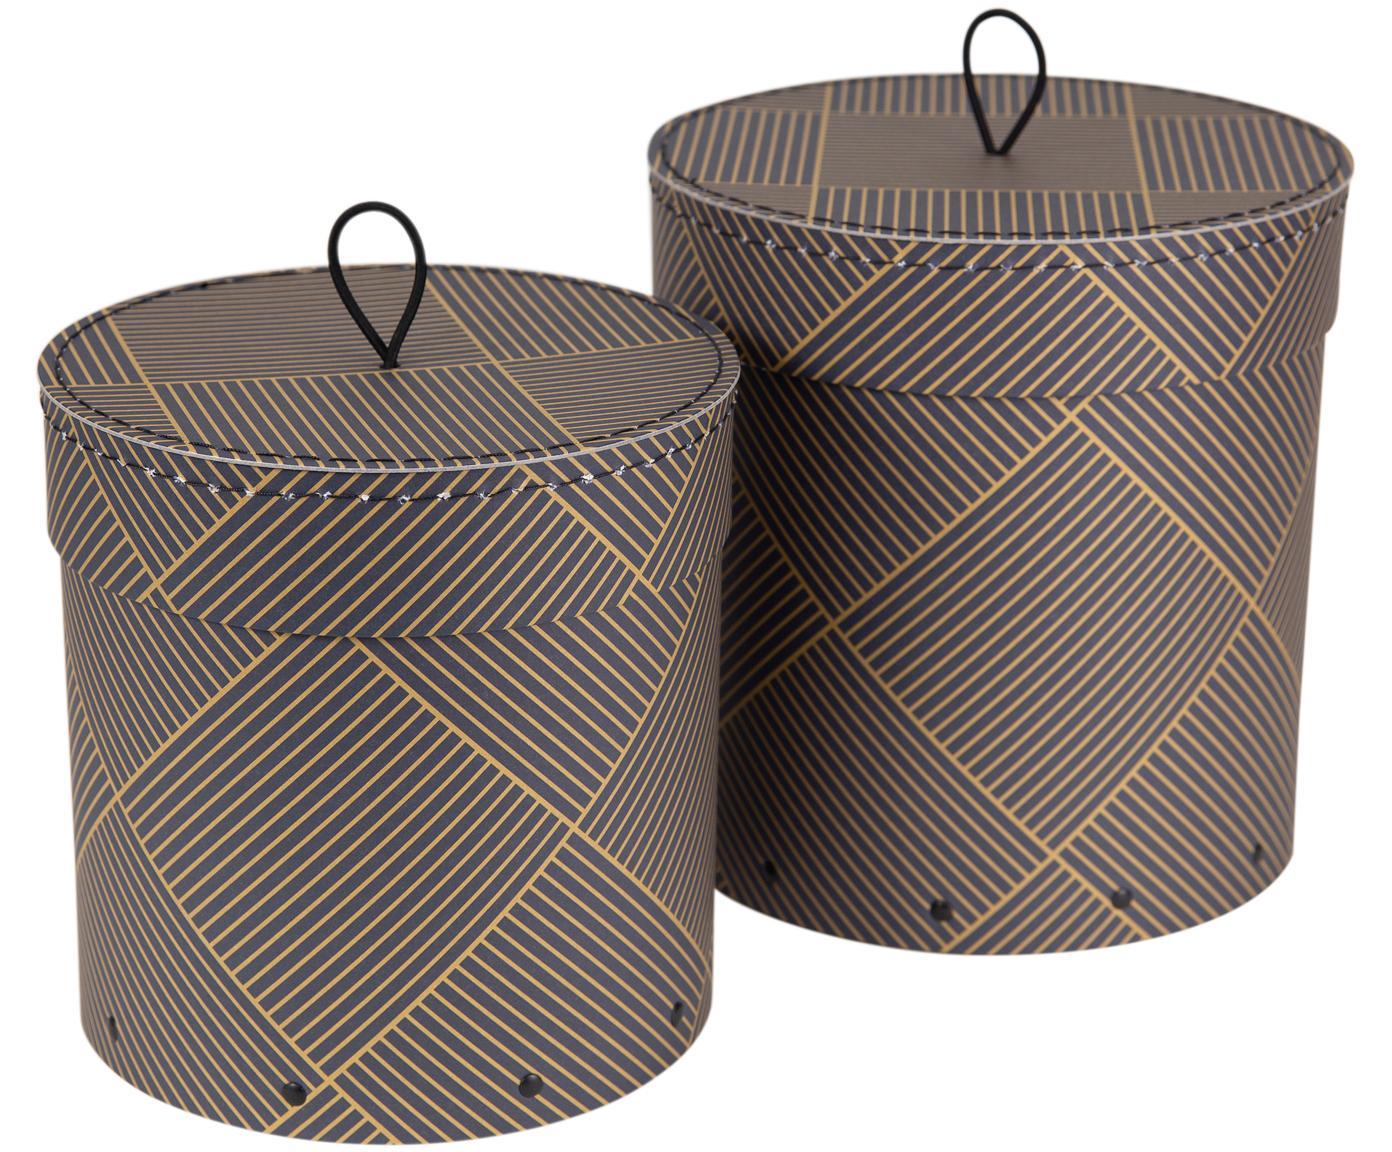 Set scatole custodia Hanna, 2 pz., Scatola: solido, cartone laminato, Manico: gomma, Dorato, grigio scuro, Diverse dimensioni